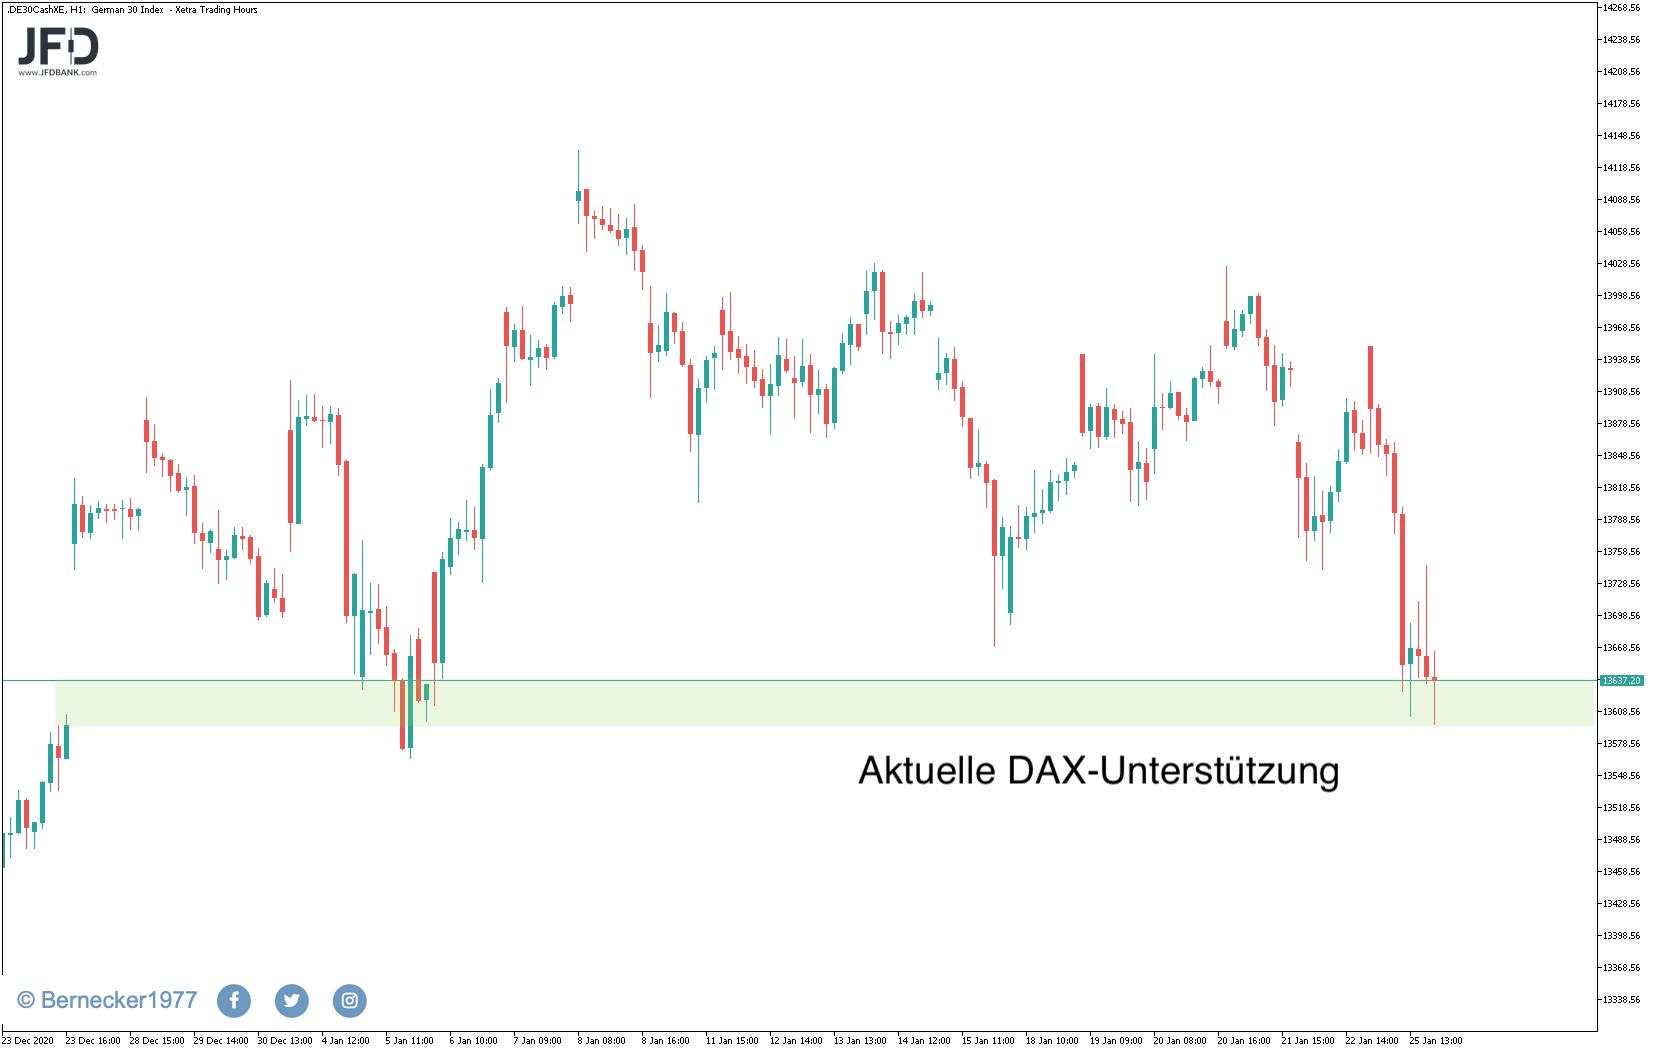 Rücklauf-im-DAX-zum-Wochenstart-Warten-auf-FED-Sitzung-Kommentar-JFD-Bank-GodmodeTrader.de-1